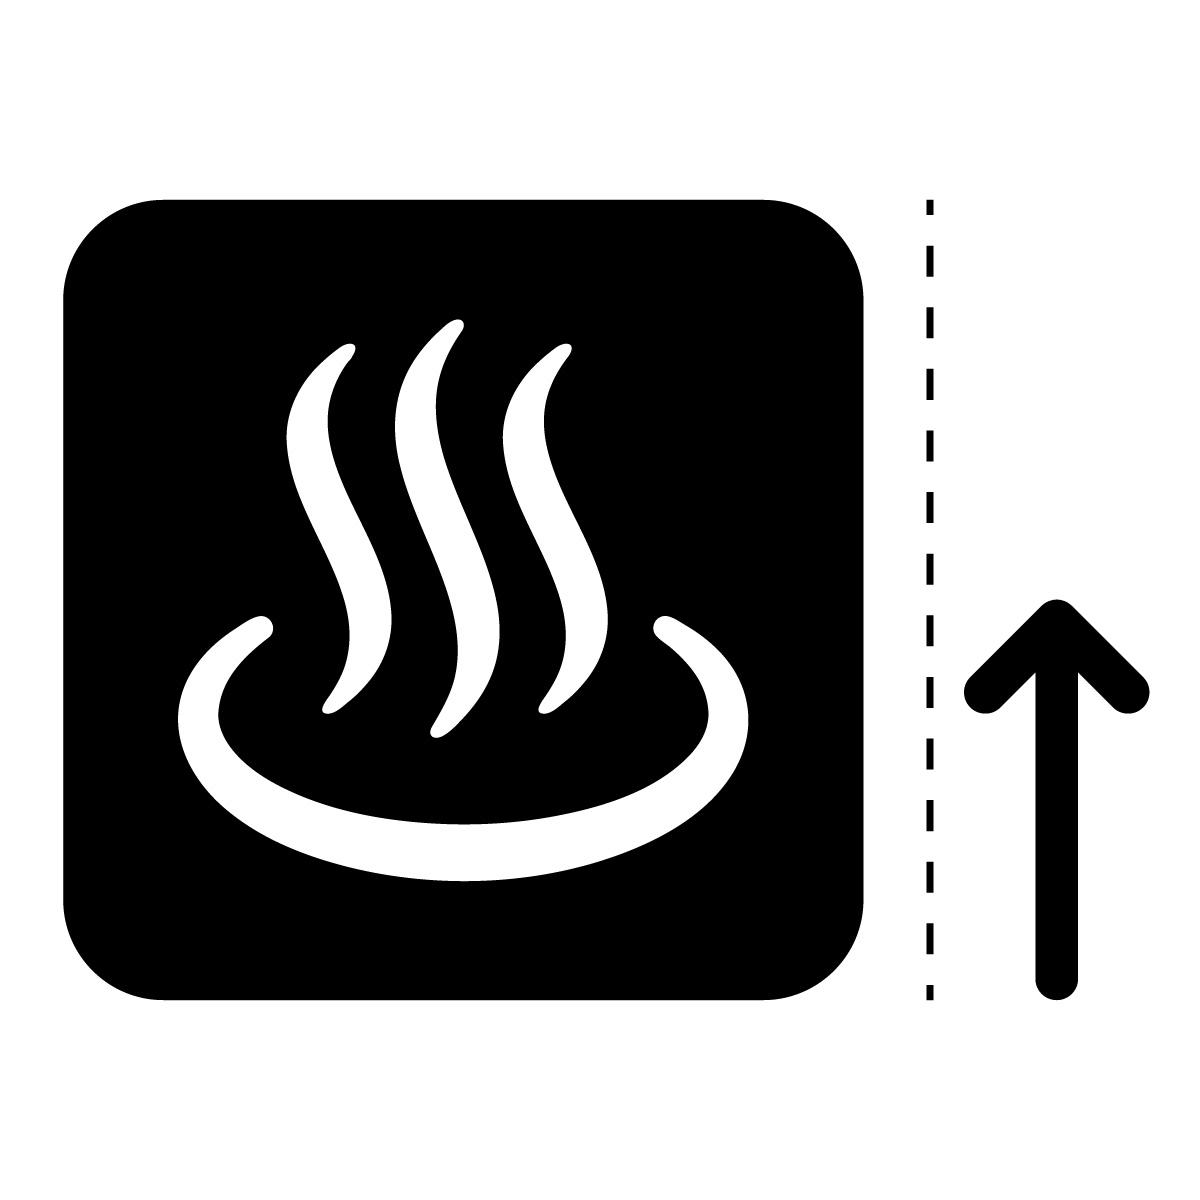 黒色の温泉・風呂案内マークのカッティングステッカー・シール